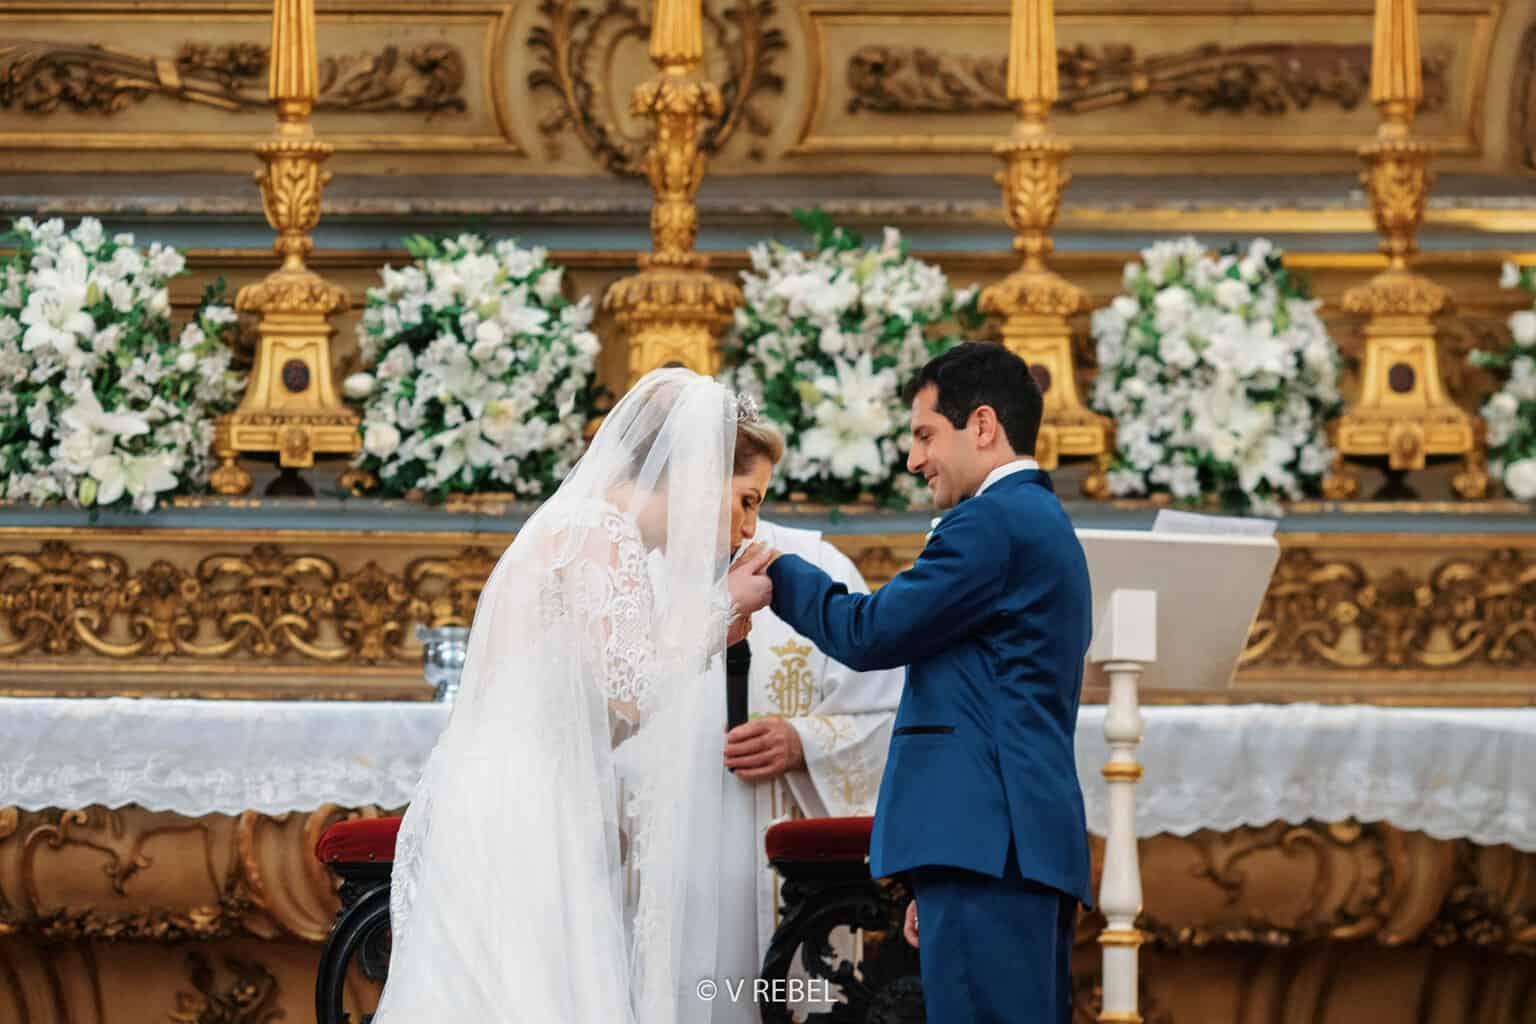 casamento-Caroline-e-Breno-casamento-clássico-cerimonia-na-igreja-fotografia-VRebel-noivos-no-altar43